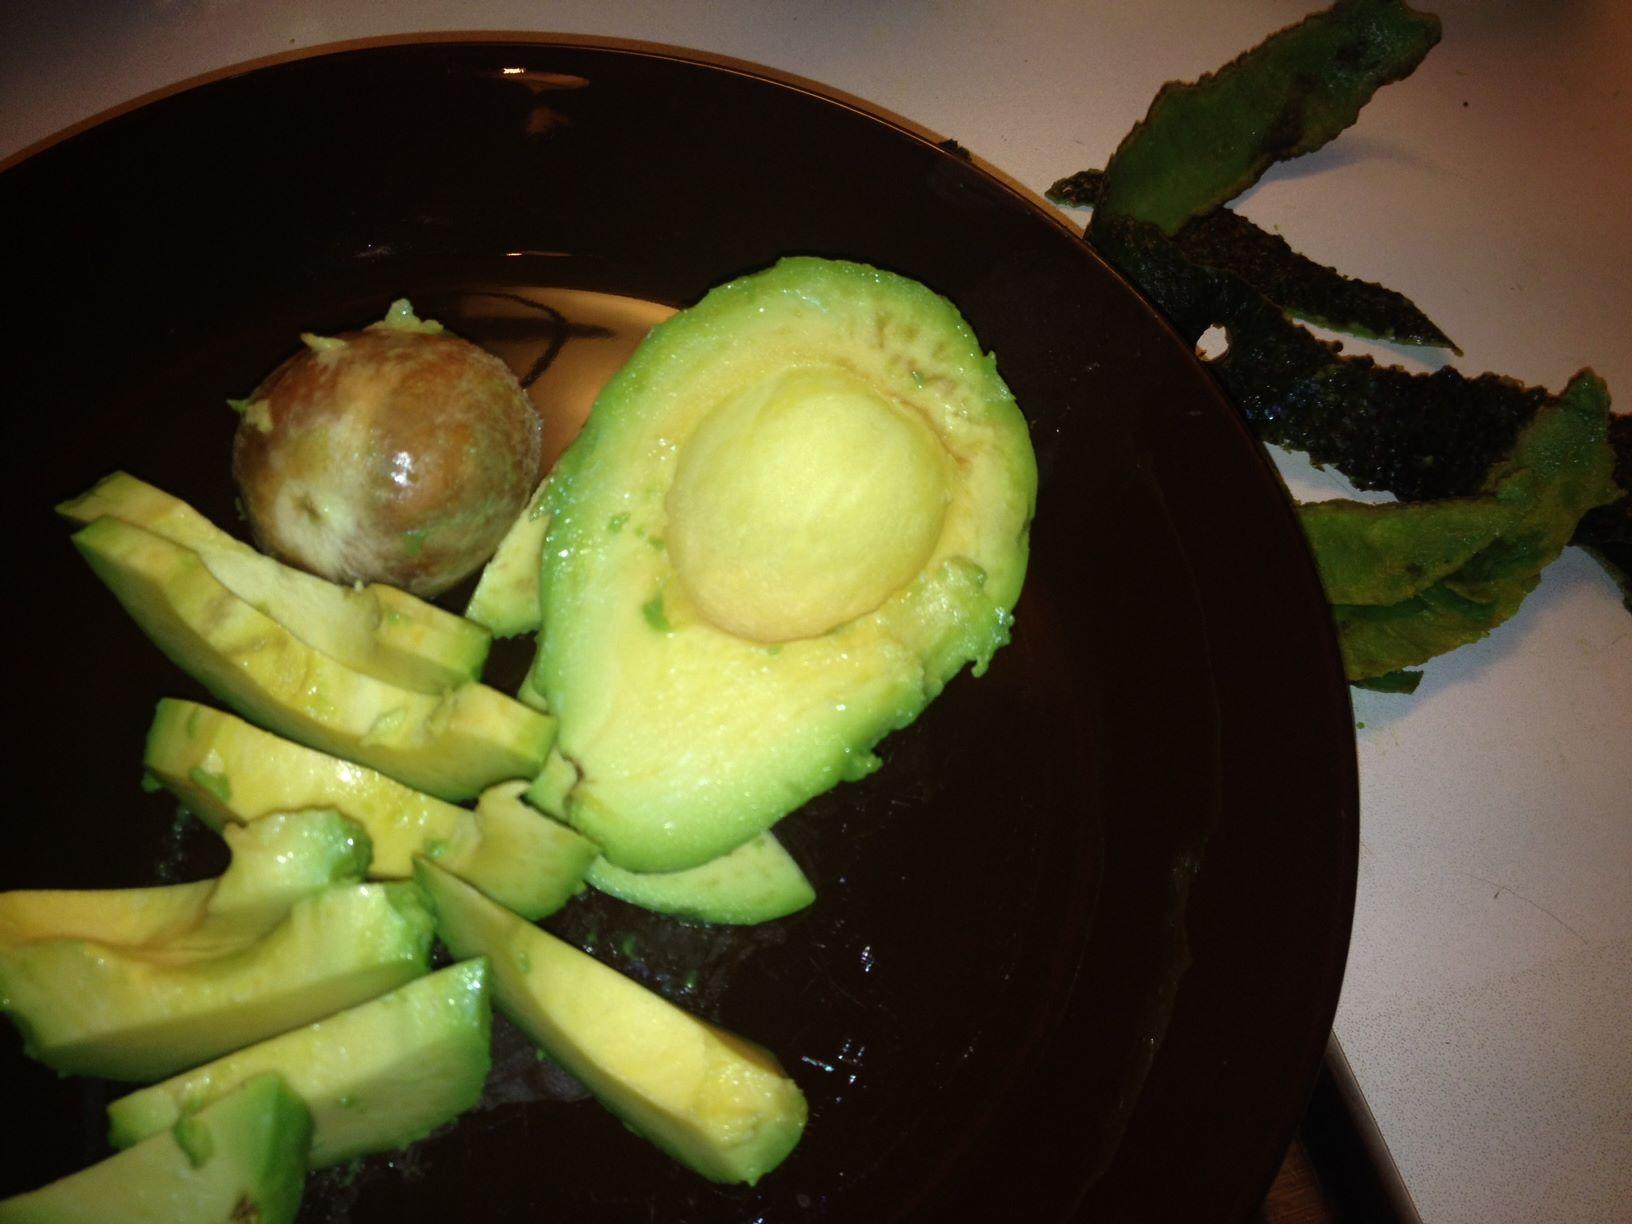 Ruokavalio sisältää proteiinia ja hyviä rasvoja: Lihaa, kananmunia, kasviksia, rahkaa, rejuustuoa, öljyjä, avokadoa... Ruokaa on reippaasti mutta hiilarit minimissä.